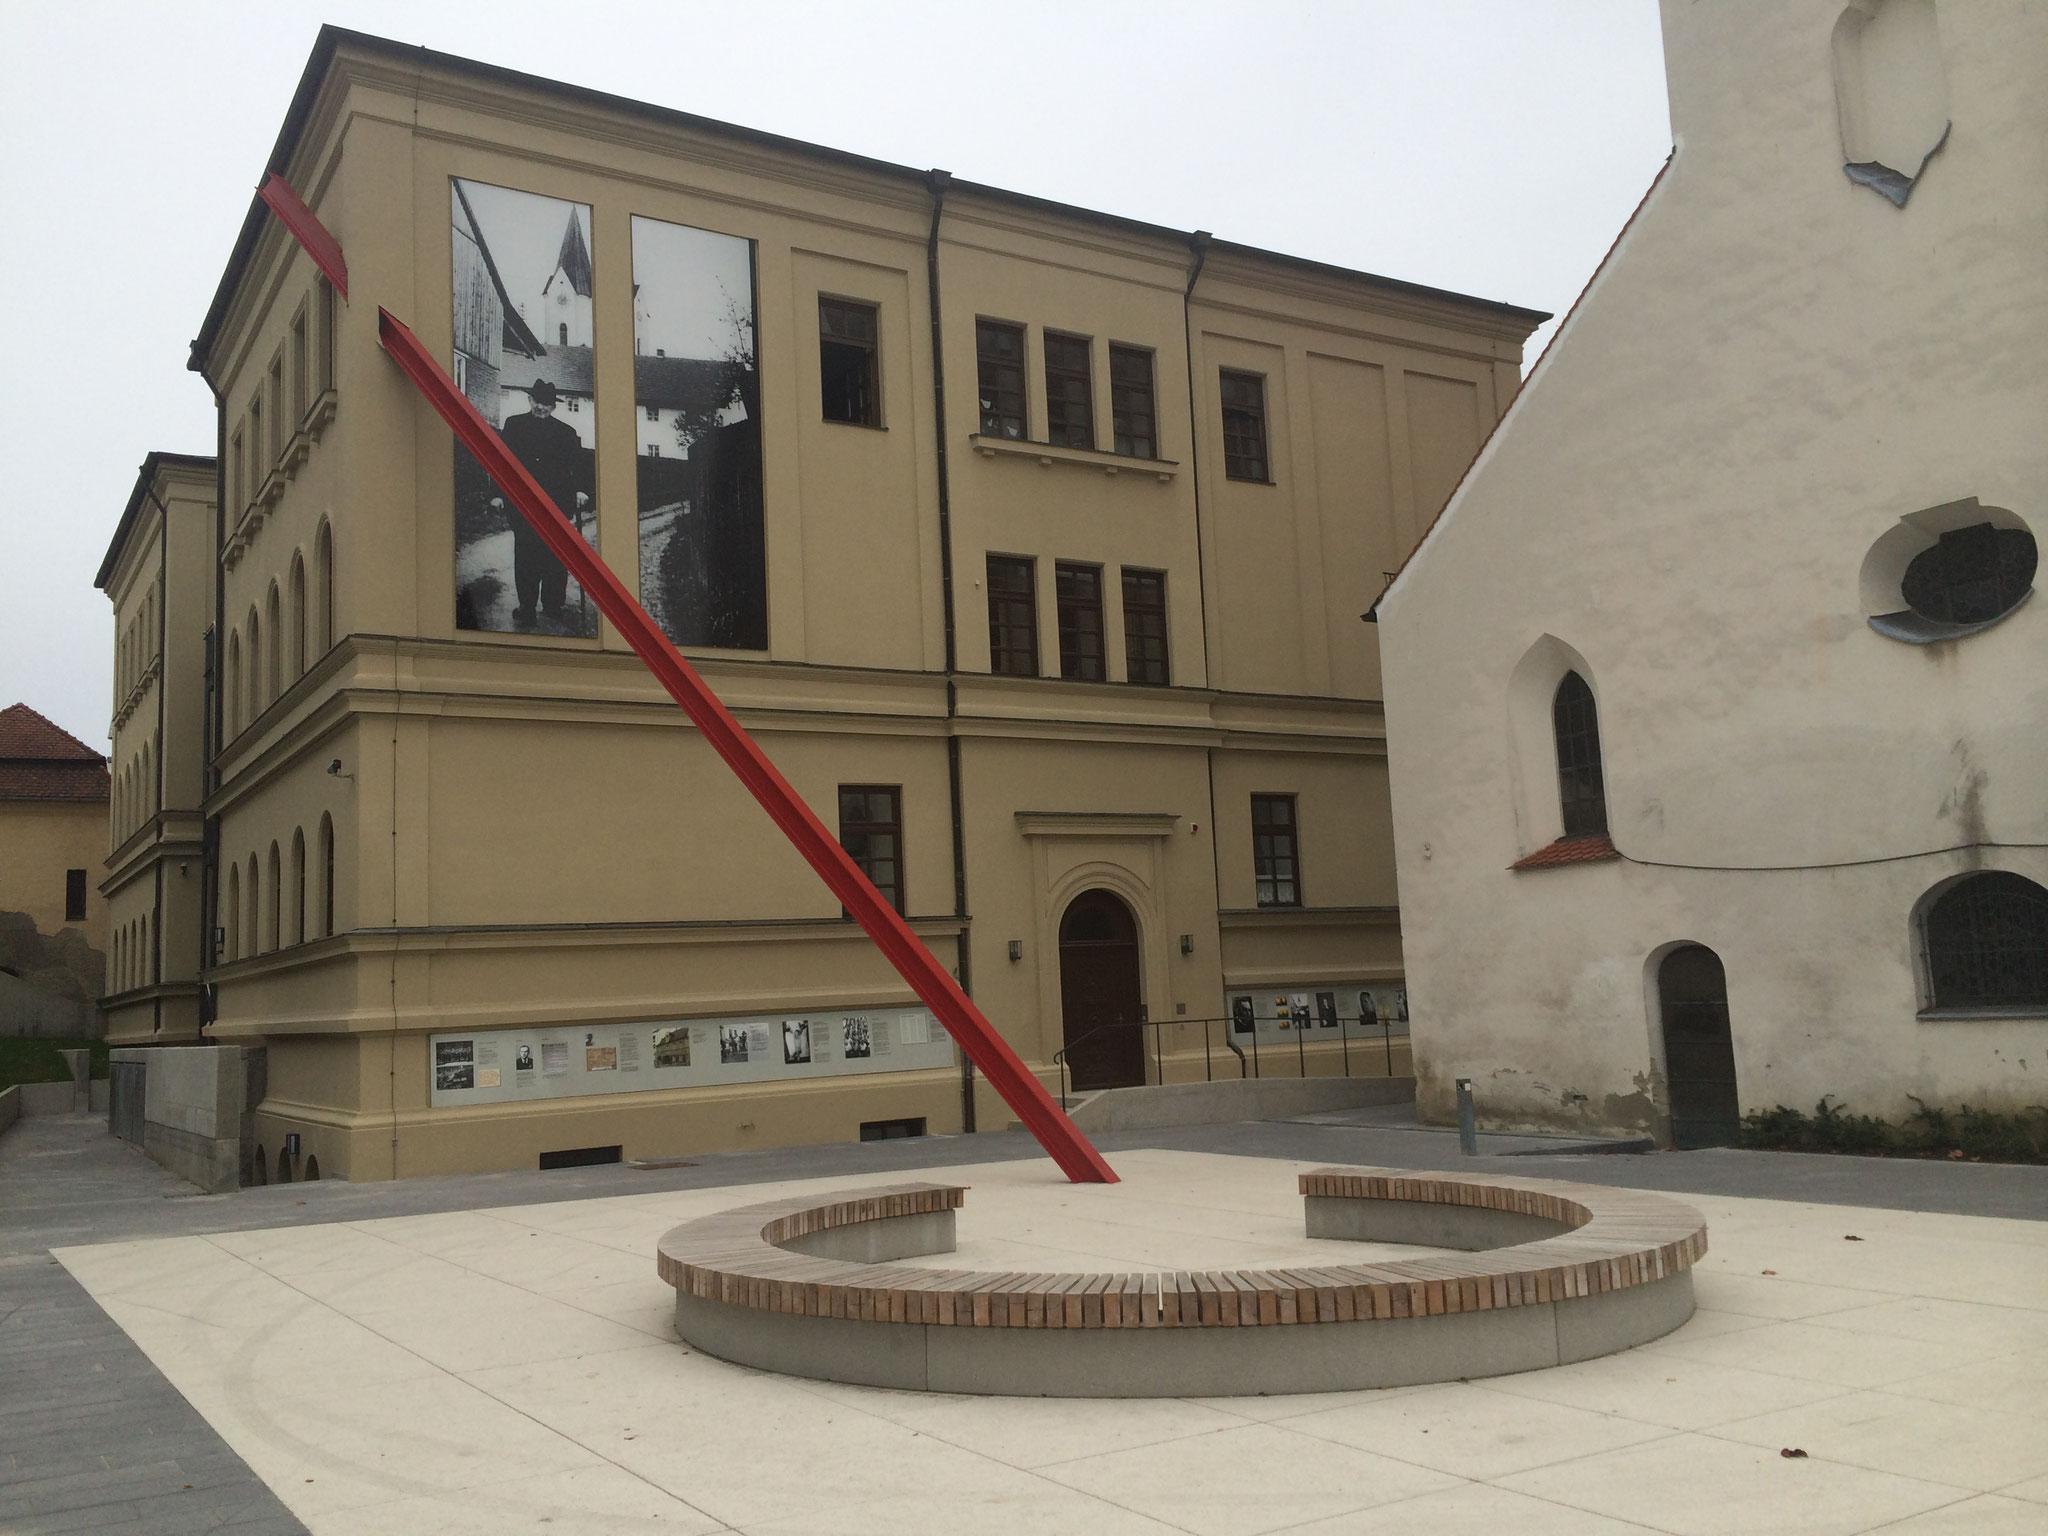 Mahnmal für die Opfer des Nationalsozialismus / Holocaust Memorial, City Pfaffenhofen